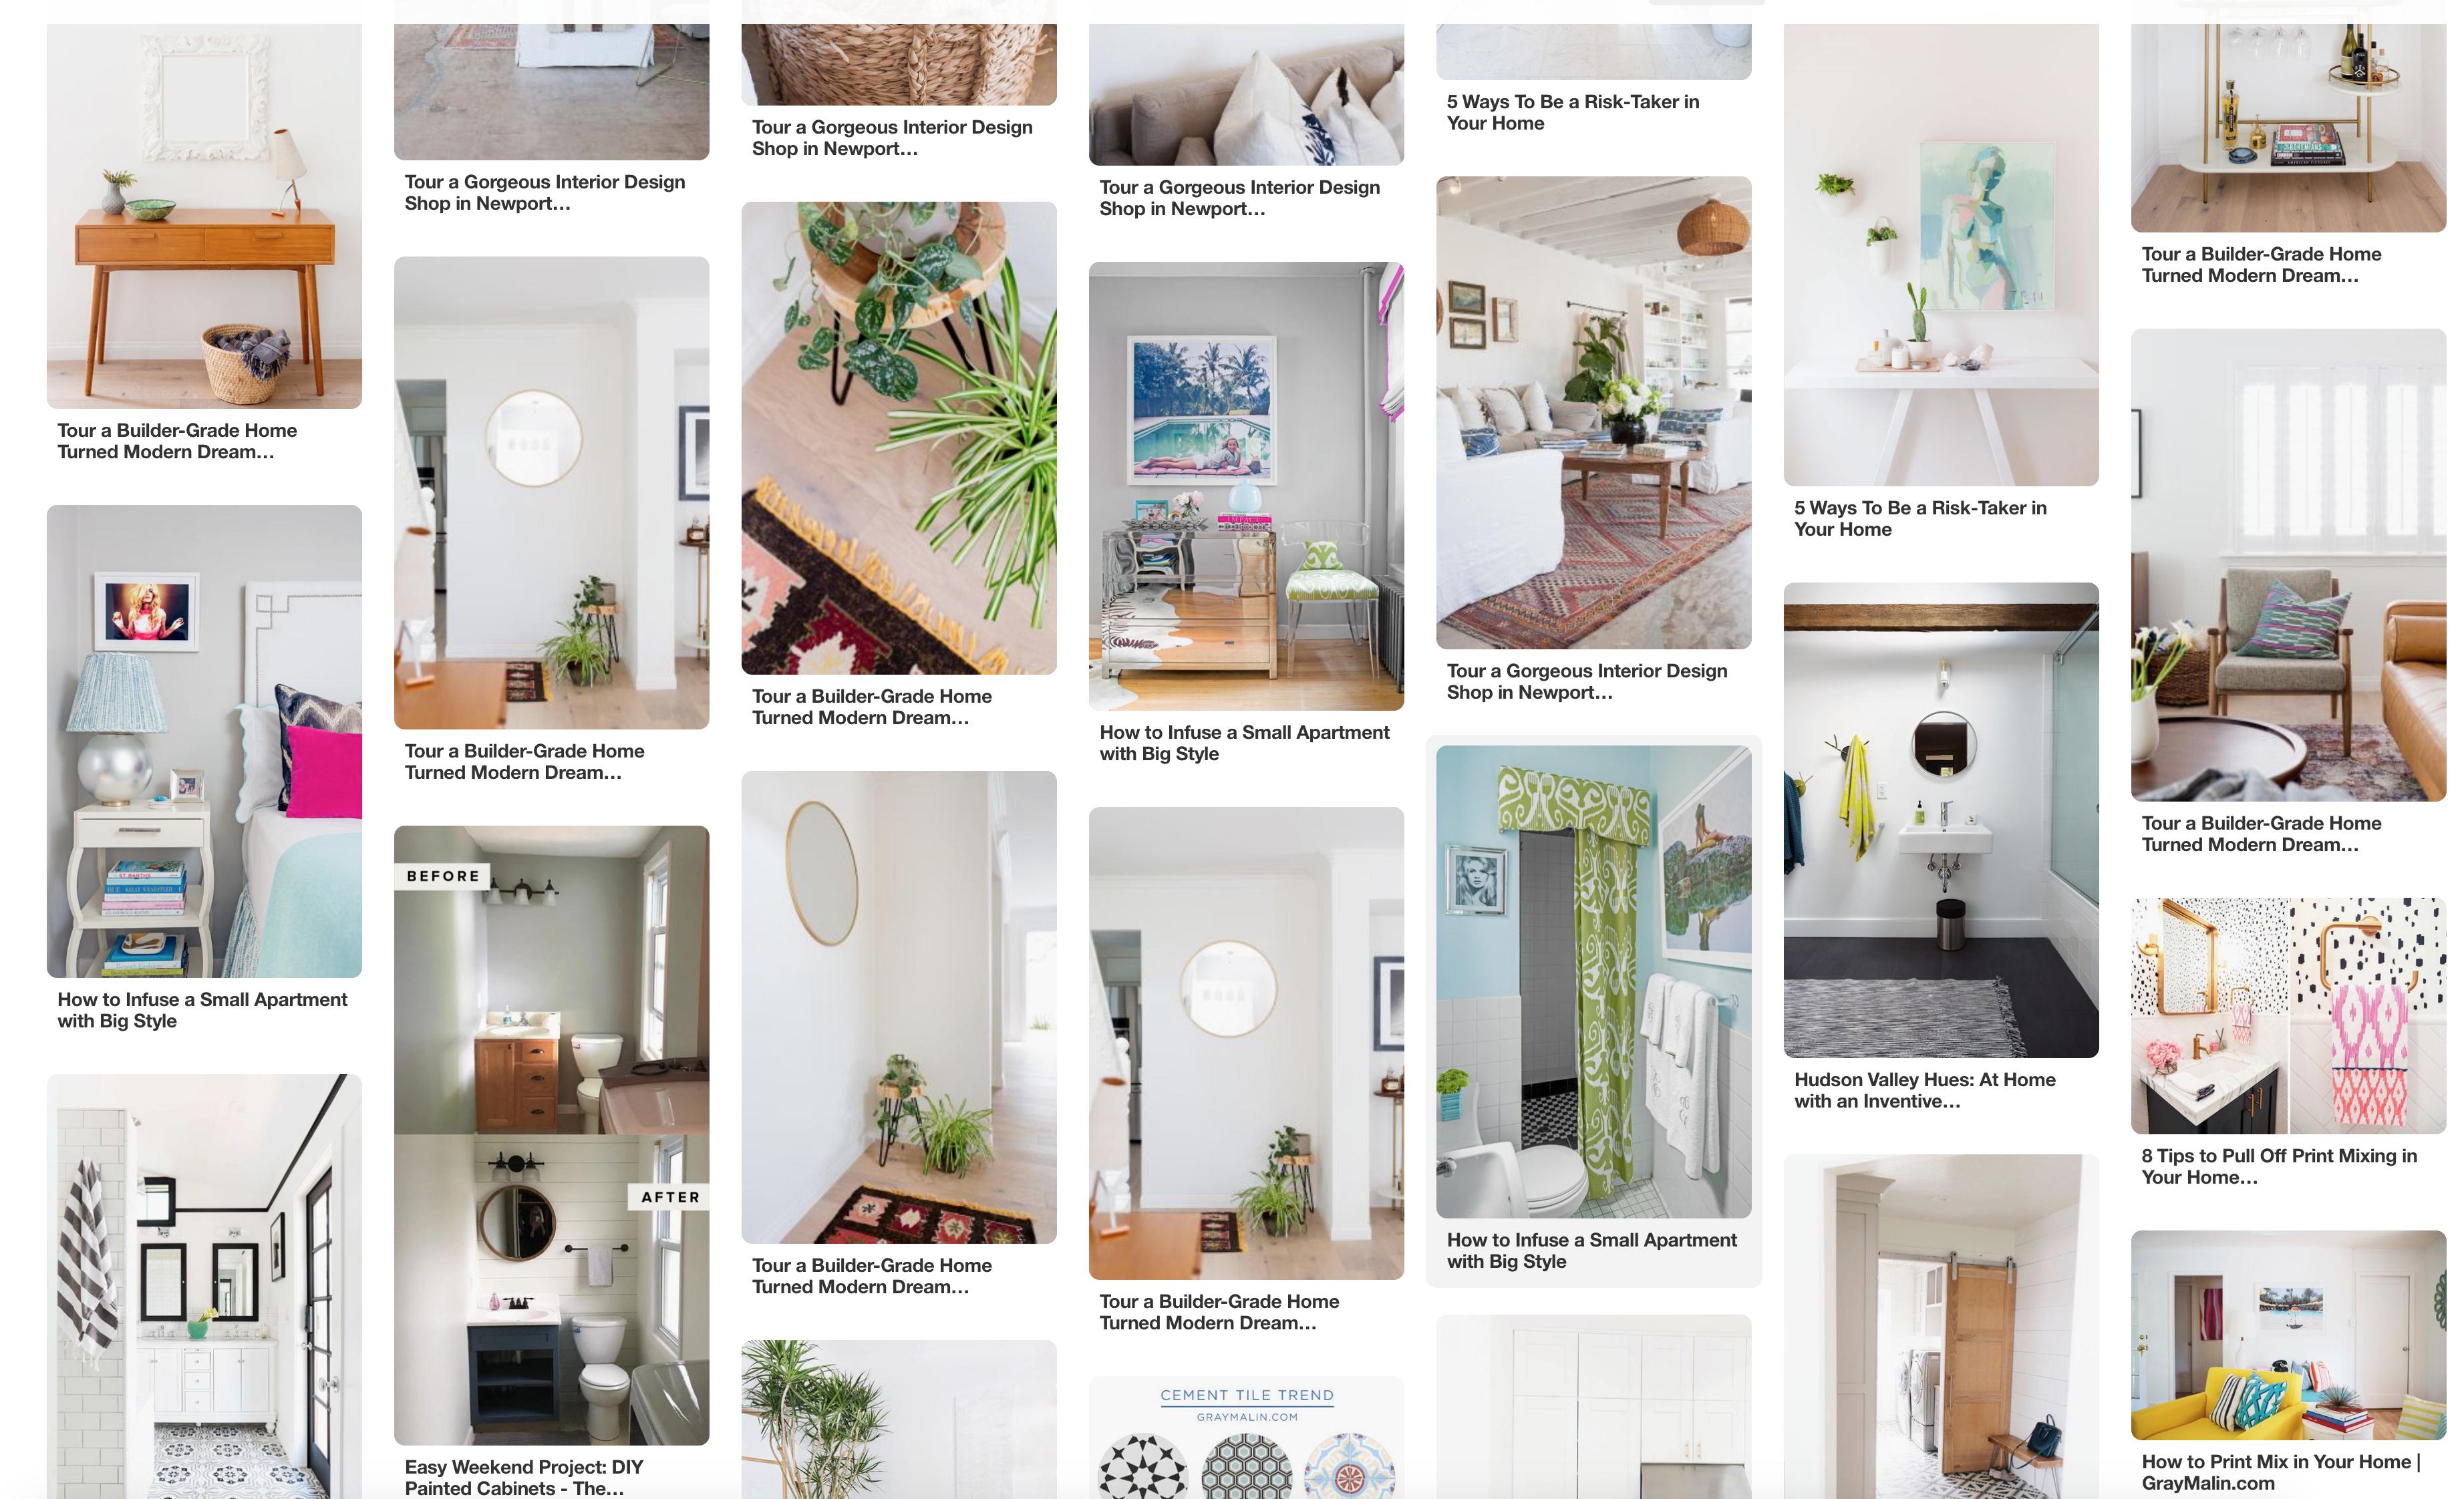 My Dream Home - September Blogging Challenge - Communikait by Kait Hanson